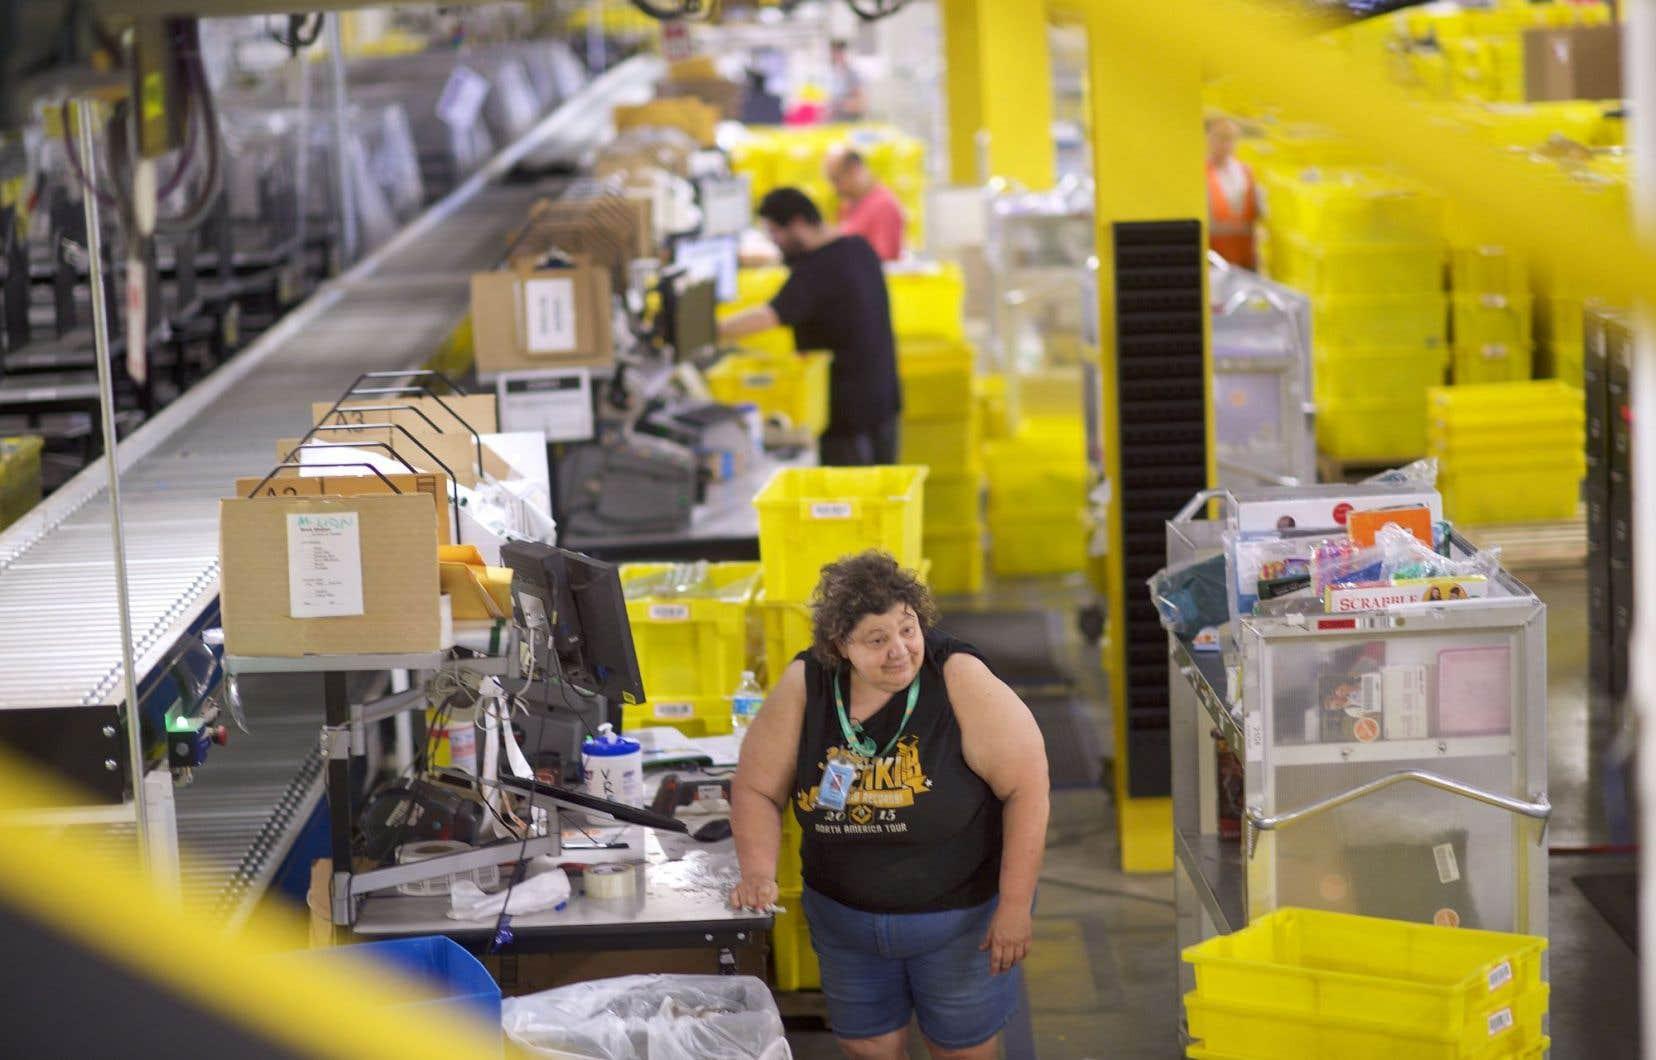 Sans le citer, Wal-Mart et Google s'attaquent frontalement au géant Amazon.